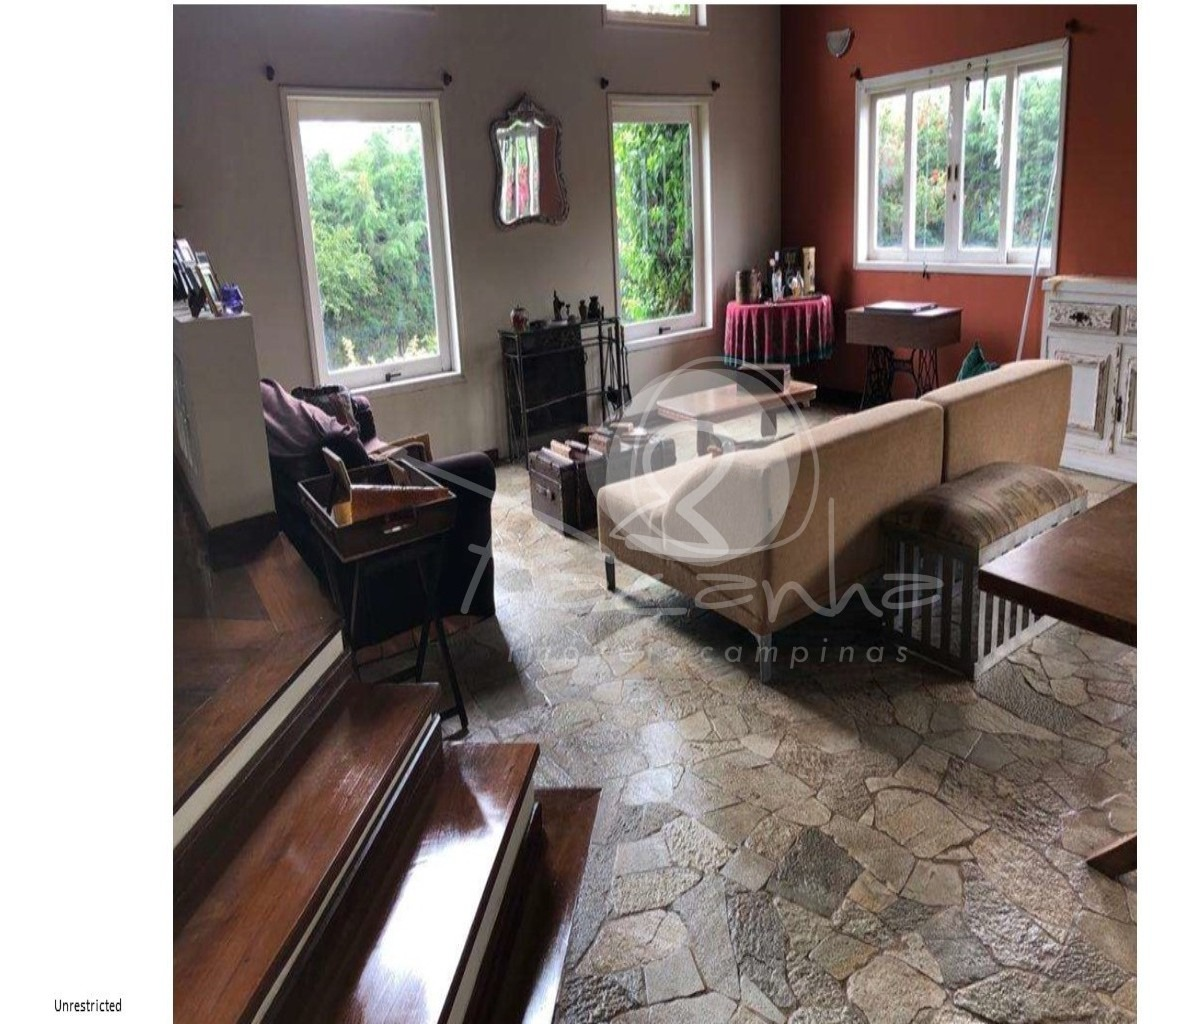 casa para venda no terras de itaici em indaiatuba - imobiliária em campinas - ca00721 - 34311519